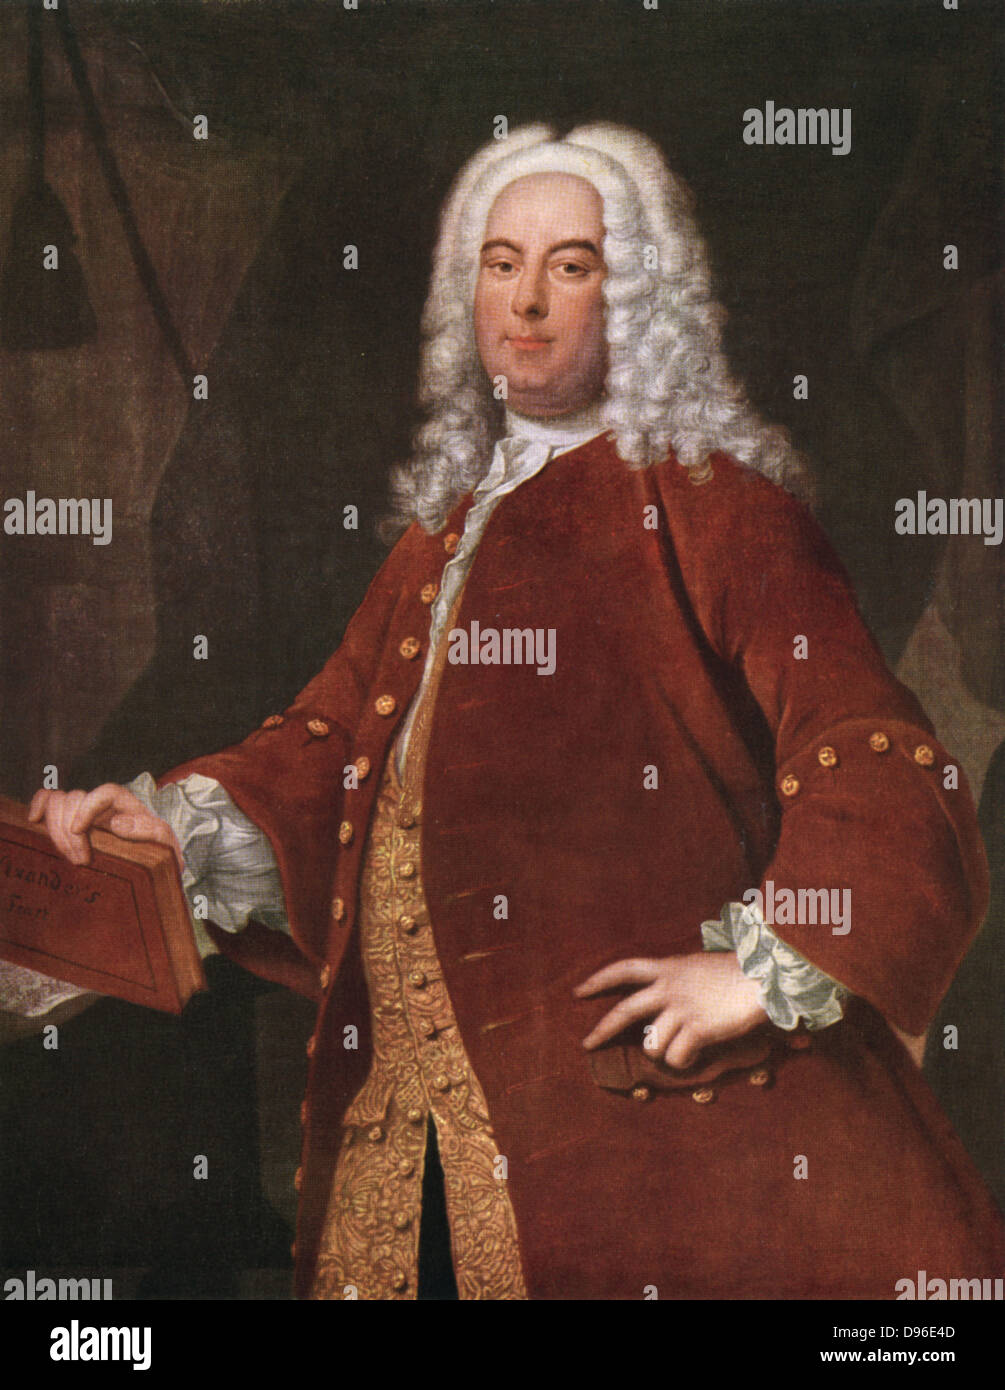 Händel (1685-1759) deutsch-englische Komponist in Halle geboren. Nach dem Porträt von Thomas Hudson. Stockbild